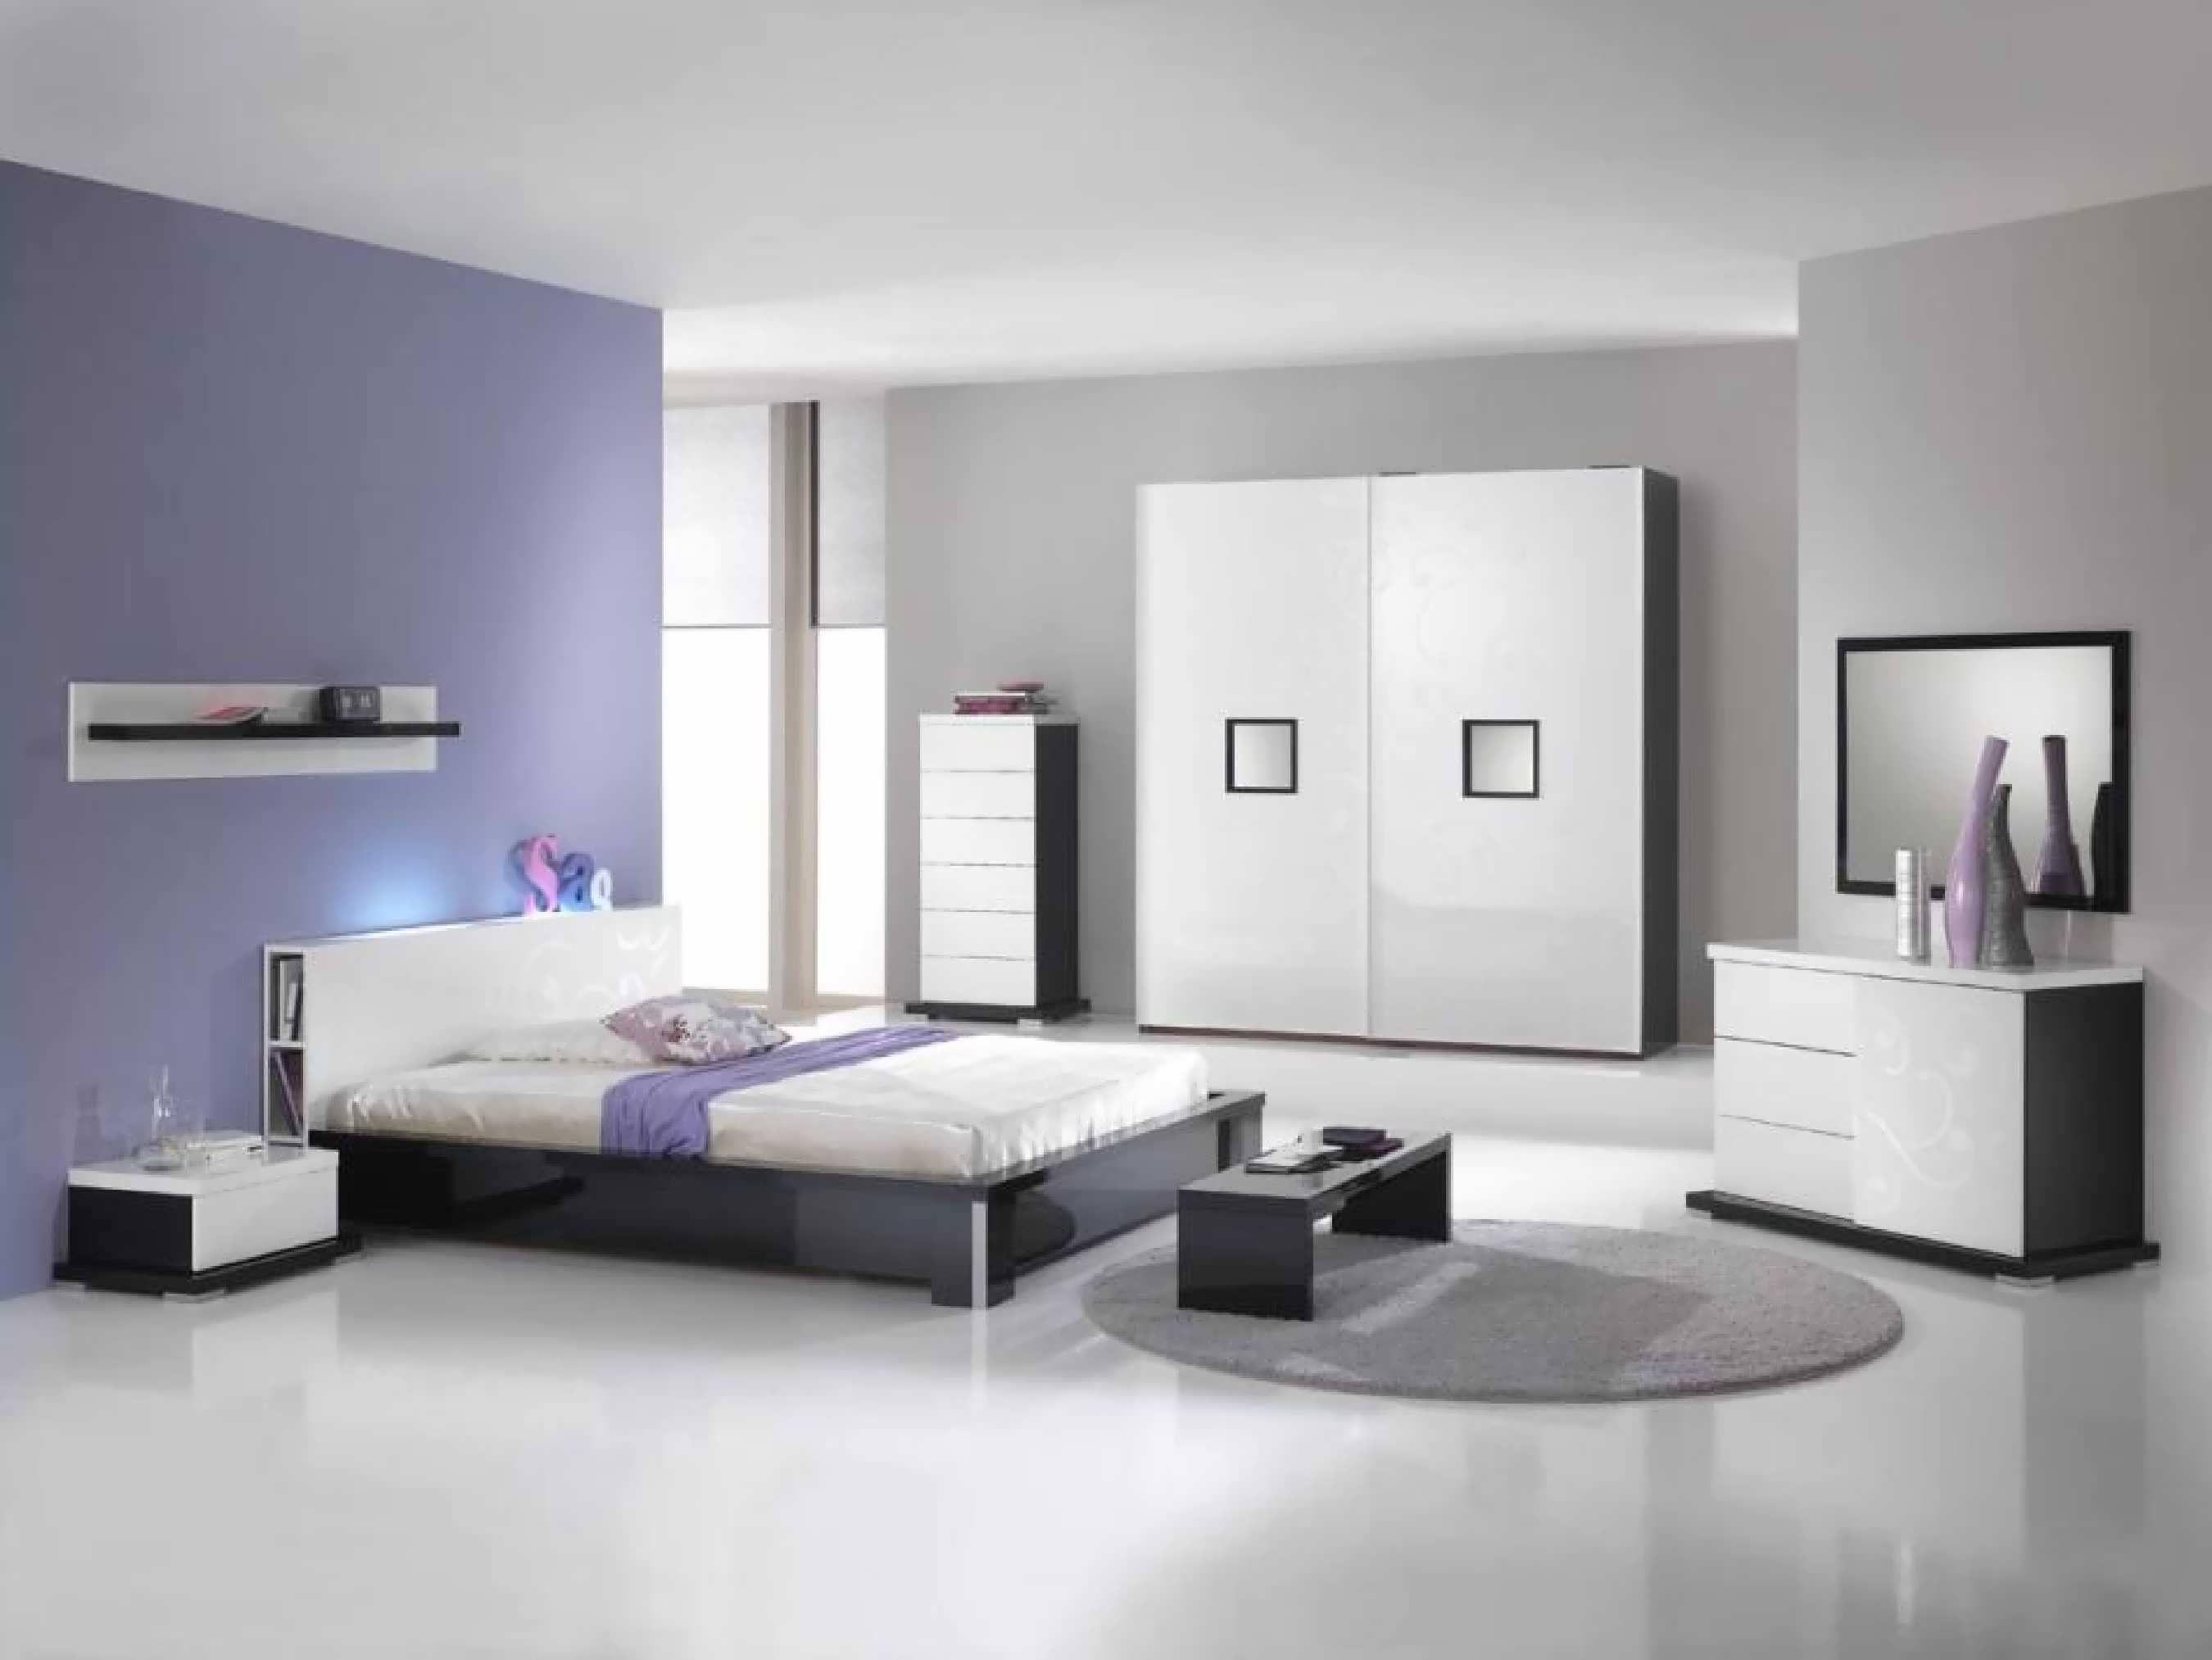 Fesselnd Moderne Queen Schlafzimmer Sets   Aus Dem Raum Maximization, Bewegen Wir  Uns Auf Eine Verdoppelung Der Höhe Der Bett Tischplatte Zimm... #Küchen